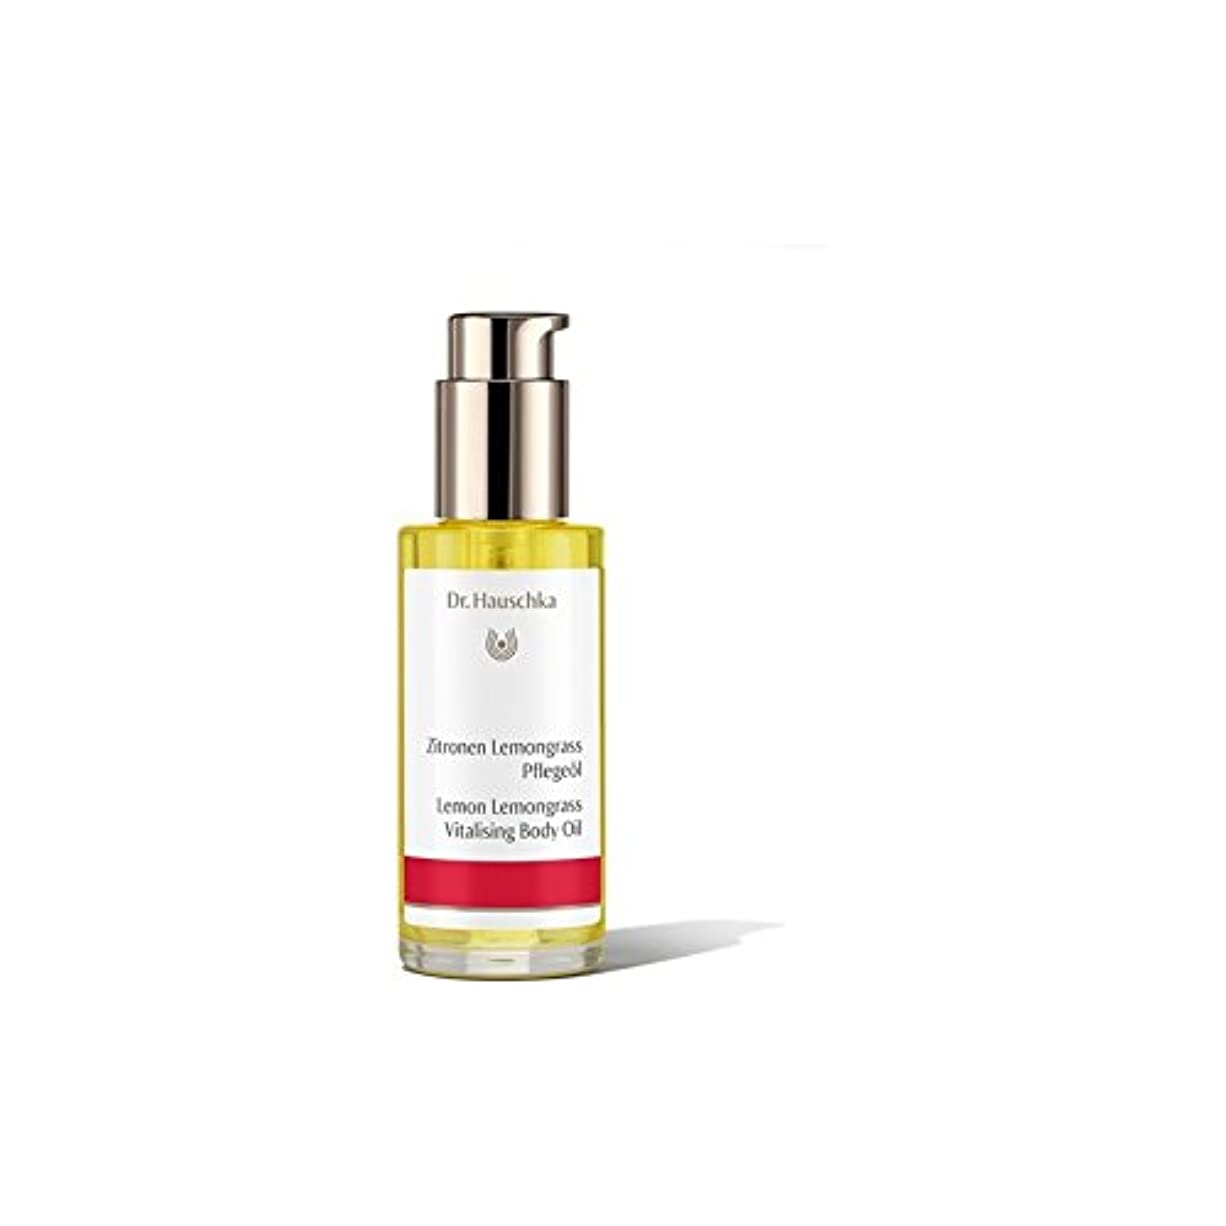 調子資本二次ハウシュカレモンレモングラスボディオイル(75ミリリットル) x2 - Dr. Hauschka Lemon Lemongrass Vitalising Body Oil (75ml) (Pack of 2) [並行輸入品]